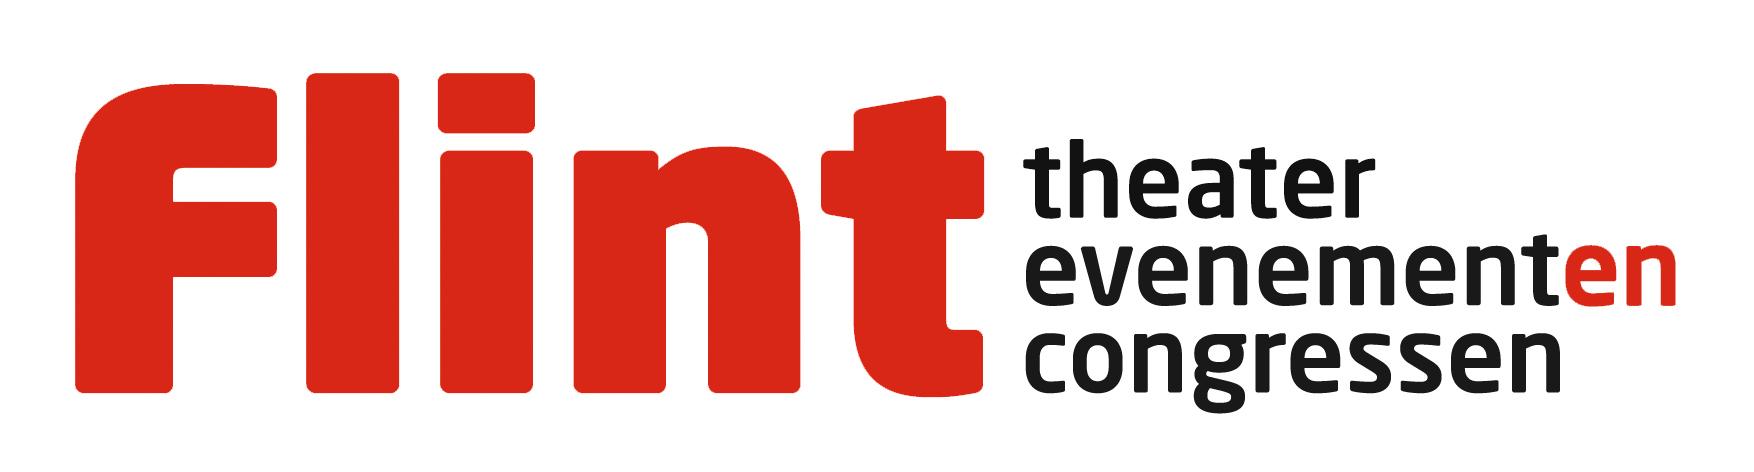 Flint Theater Evenementen en Congressen - Flint is de ideale locatie voor een succesvol evenement in theatrale stijl. Groot of klein, met meerdere zalen of juist een intieme sfeer: in Flint vindt u elke gewenste uitstraling.